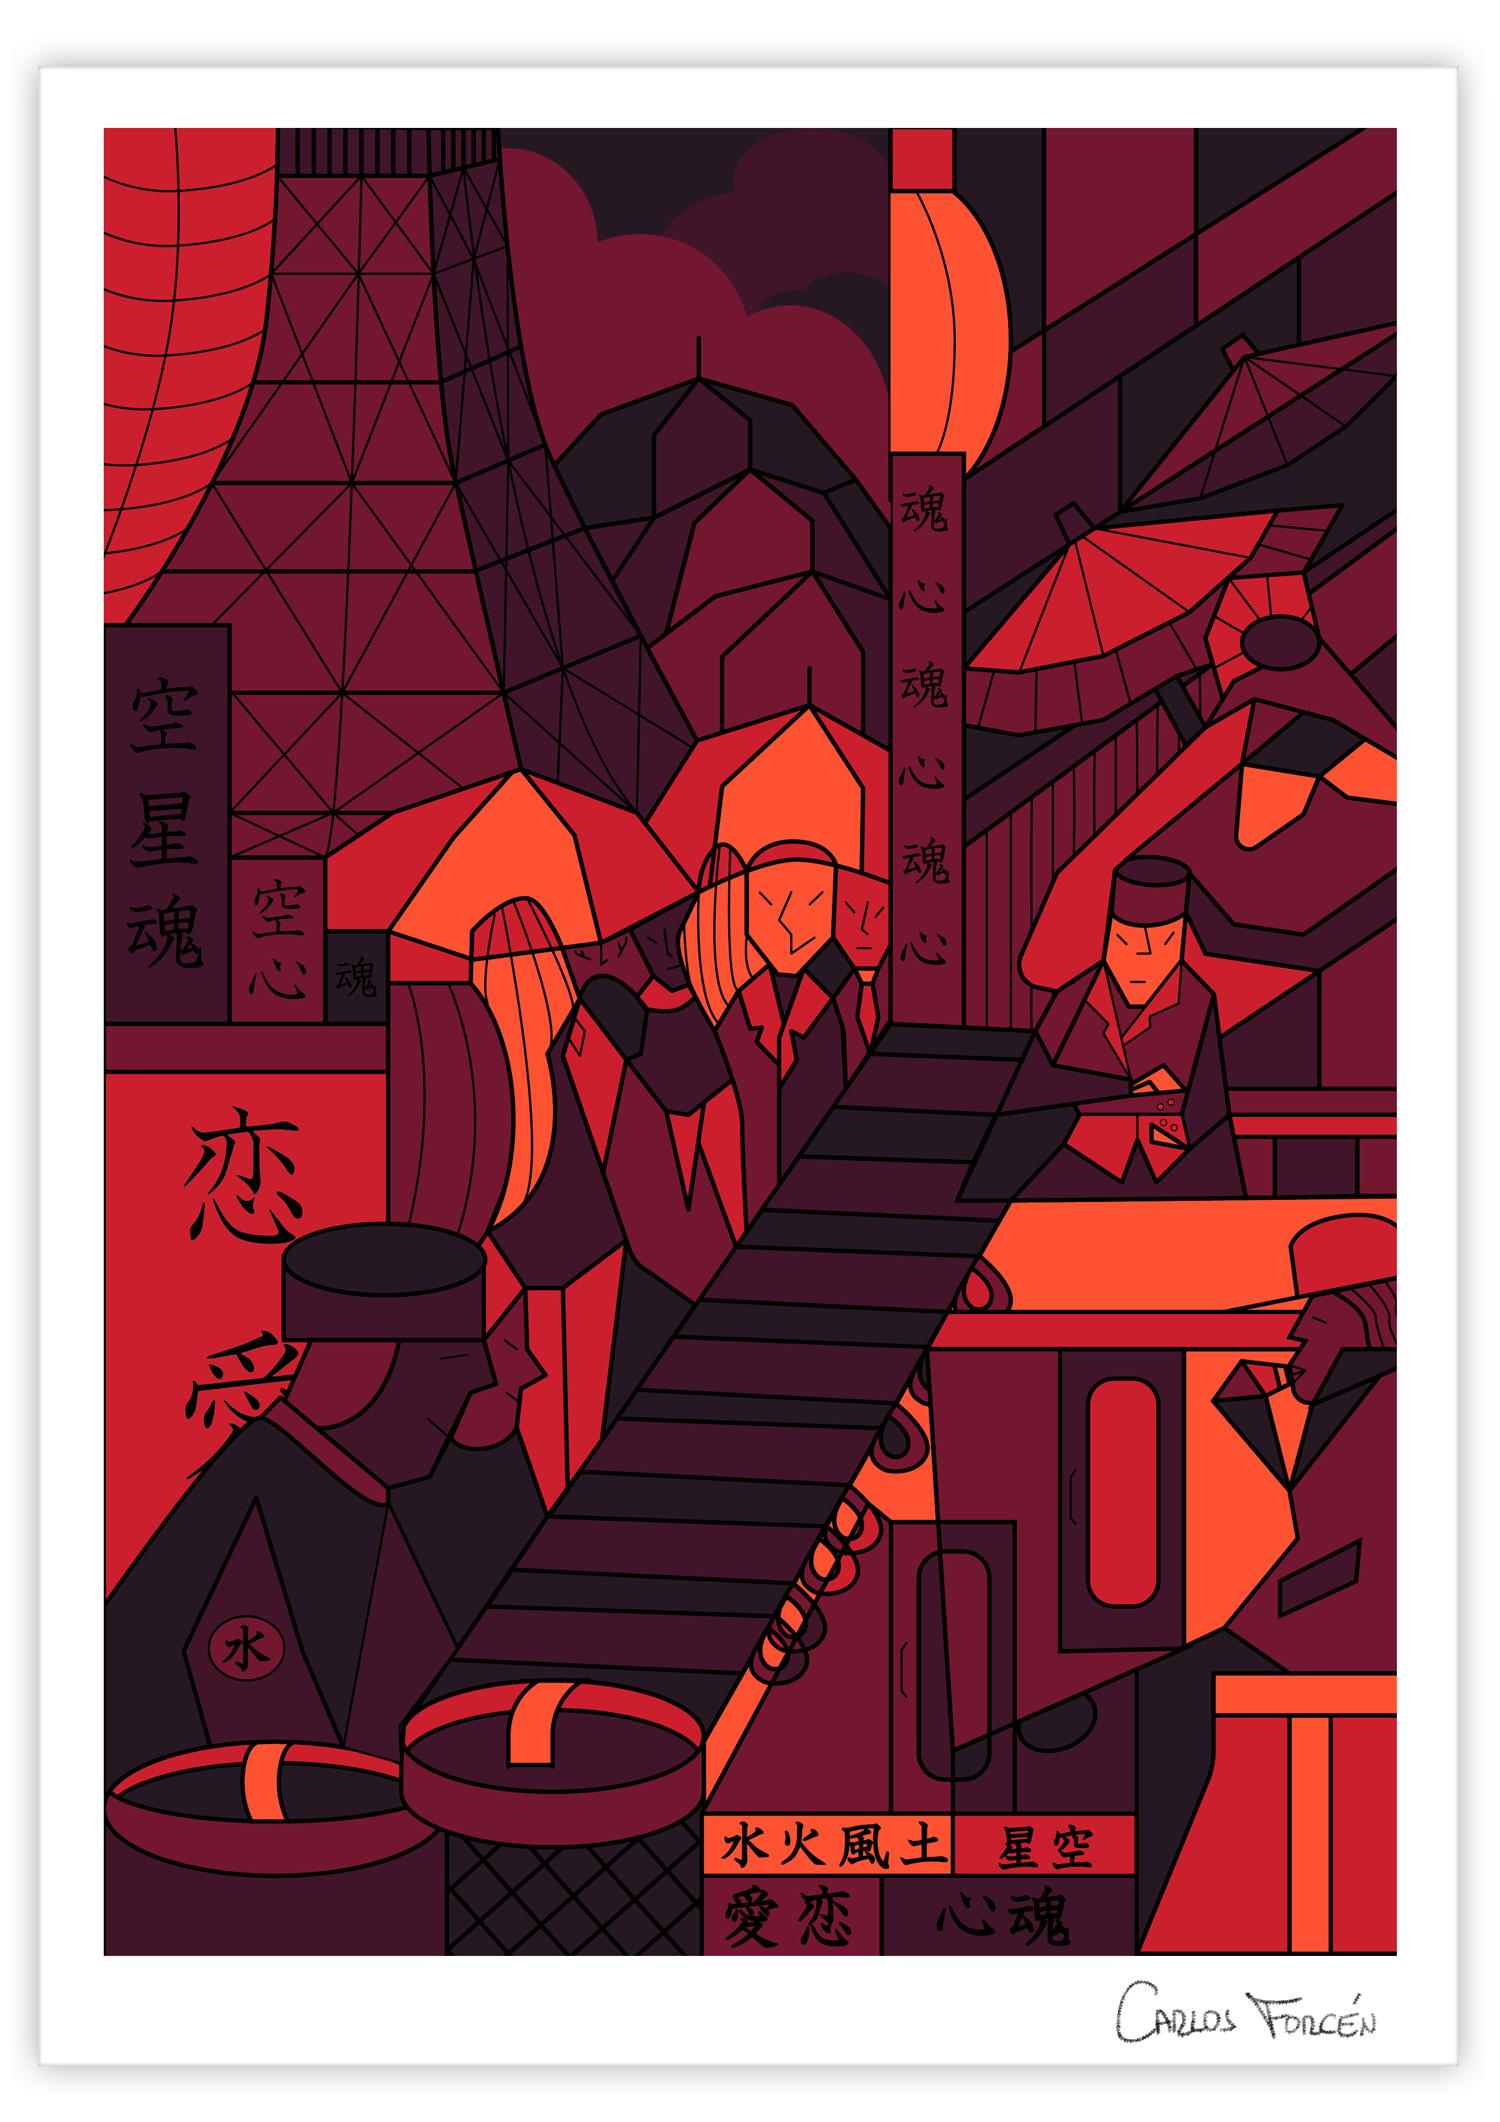 tokio_carlos-forcen_ilustracion-signed-01